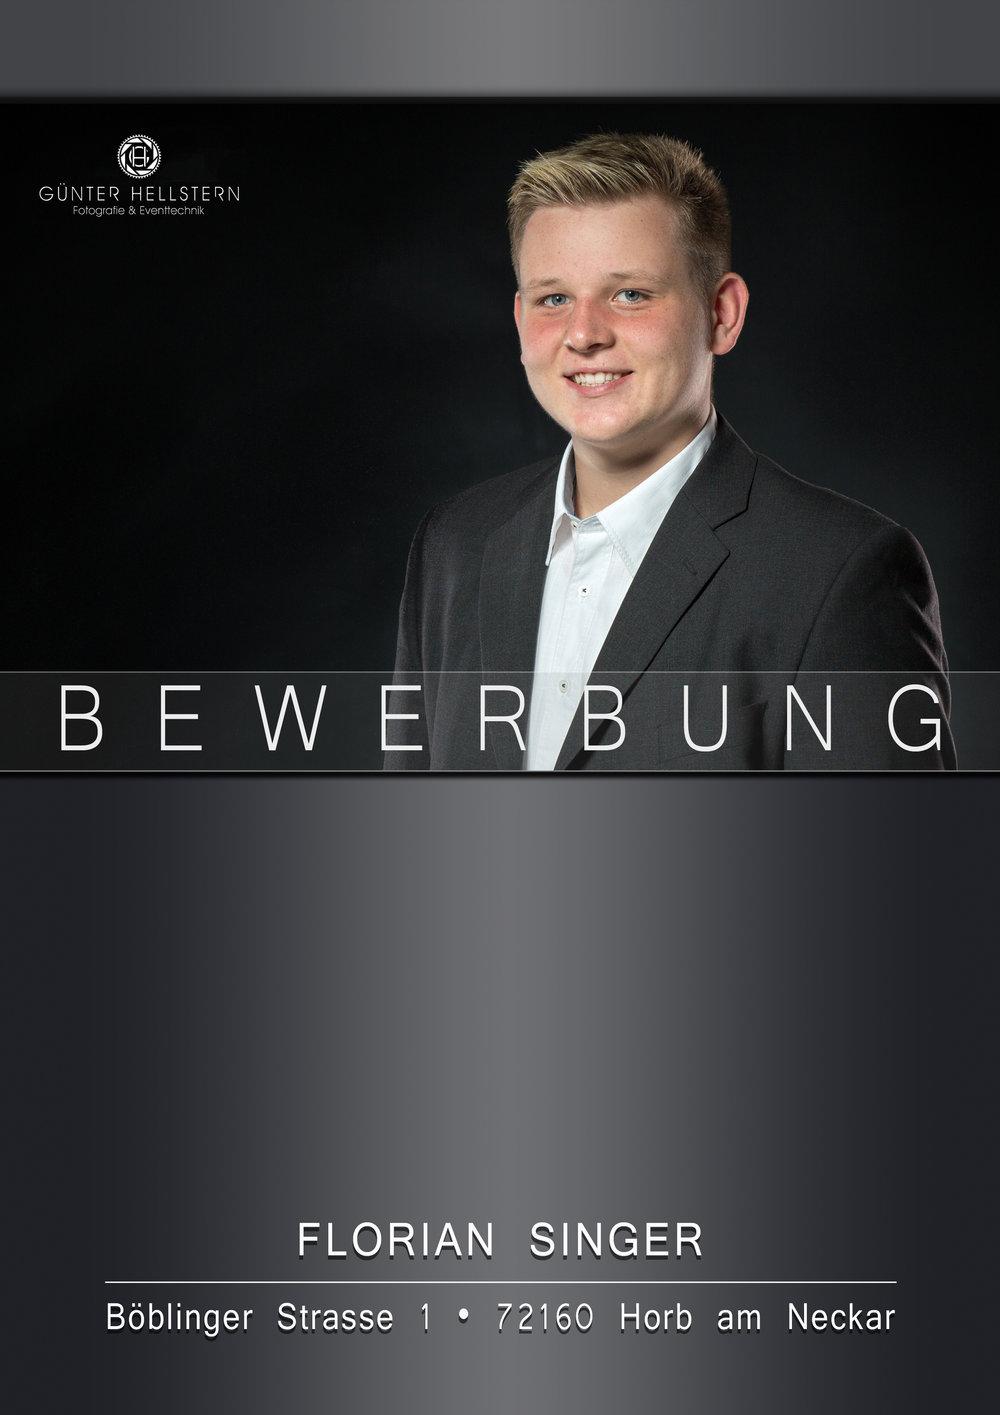 Bewerbungsbilder Günter Hellstern Fotoevent